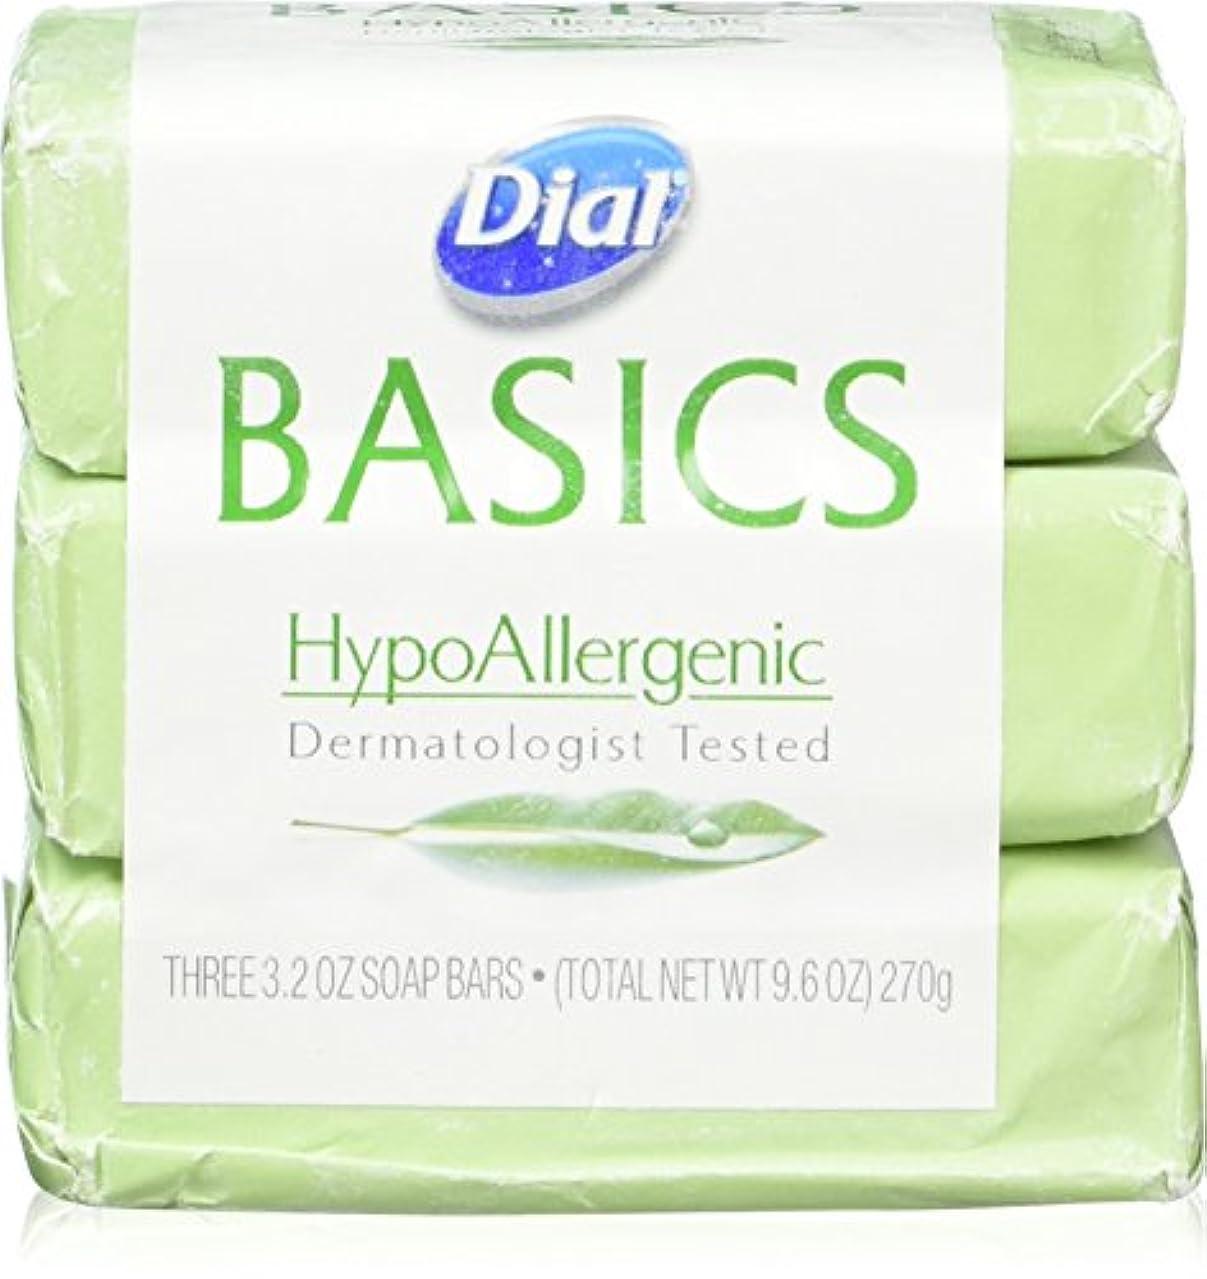 致死迷信動詞Dial Basics HypoAllergenic Dermatologist Tested Bar Soap, 3.2 oz (12 Bars) by Basics